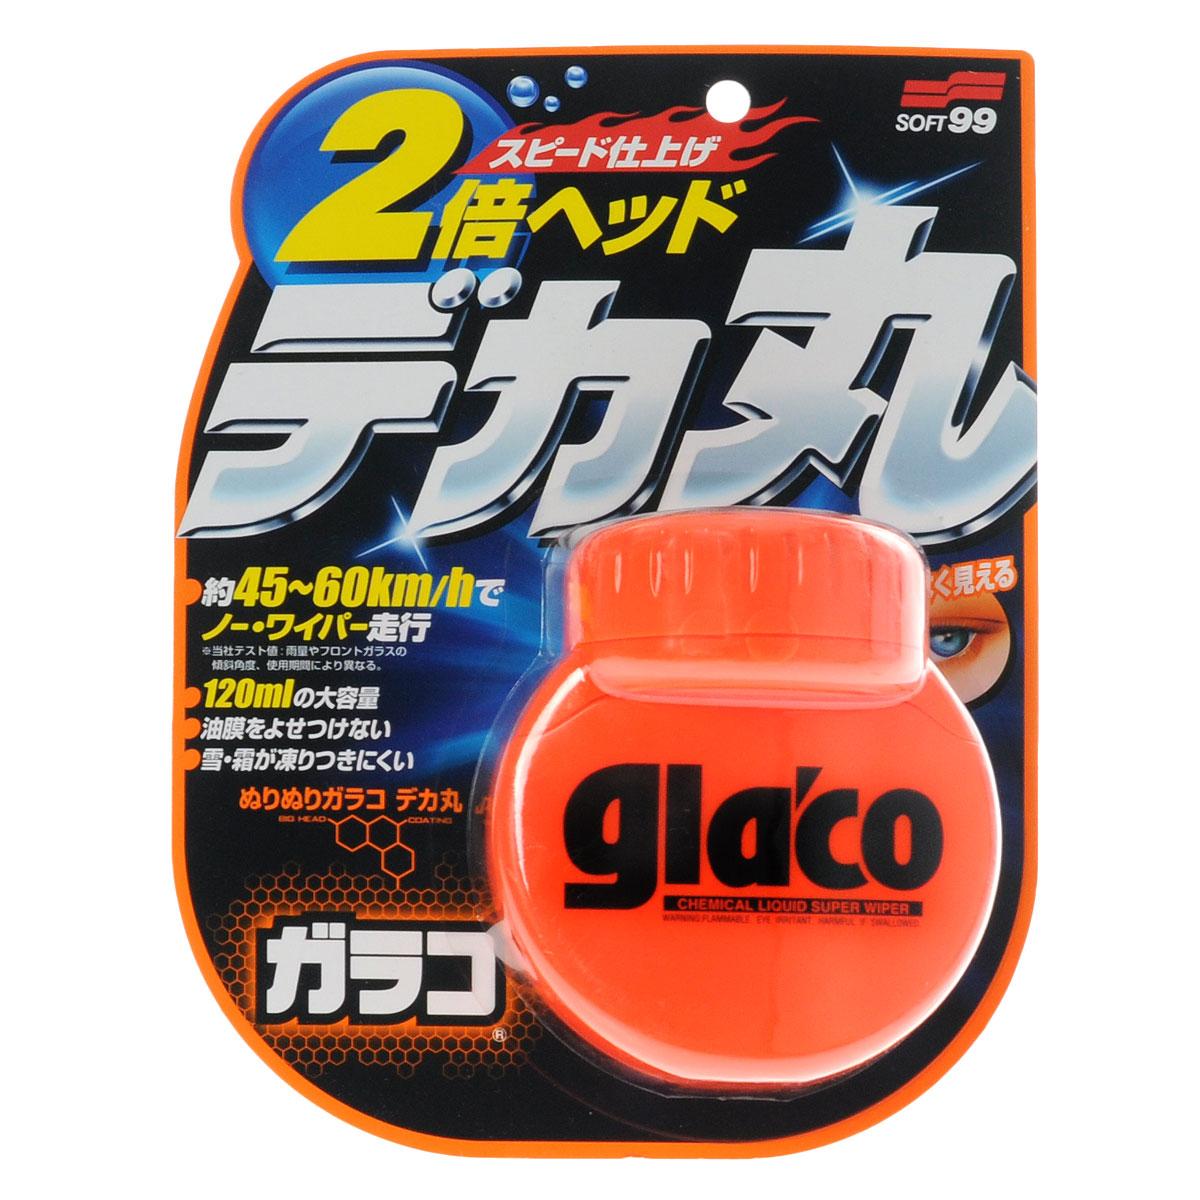 Антидождь Soft 99 Glaco, для стекол, 120 мл4107Антидождь Soft 99 Glaco обладает сильным водоотталкивающим действием. Теперь вы можете практически не пользоваться дворниками! На стекле, обработанном Glaco, при скорости от 50 км/ч вода собирается в капли и скатывается со стекла. Вам гарантирована прекрасная видимость, каким бы сильным не был дождь. Glaco обеспечивает прекрасную видимость ночью, а также во время тумана и снега. Препятствует загрязнению стекла и обеспечивает обезжиривающий эффект. Можно наносить не только на ветровое стекло, но и на заднее, боковые стекла и боковое зеркало. Действие длится до 3 месяцев.